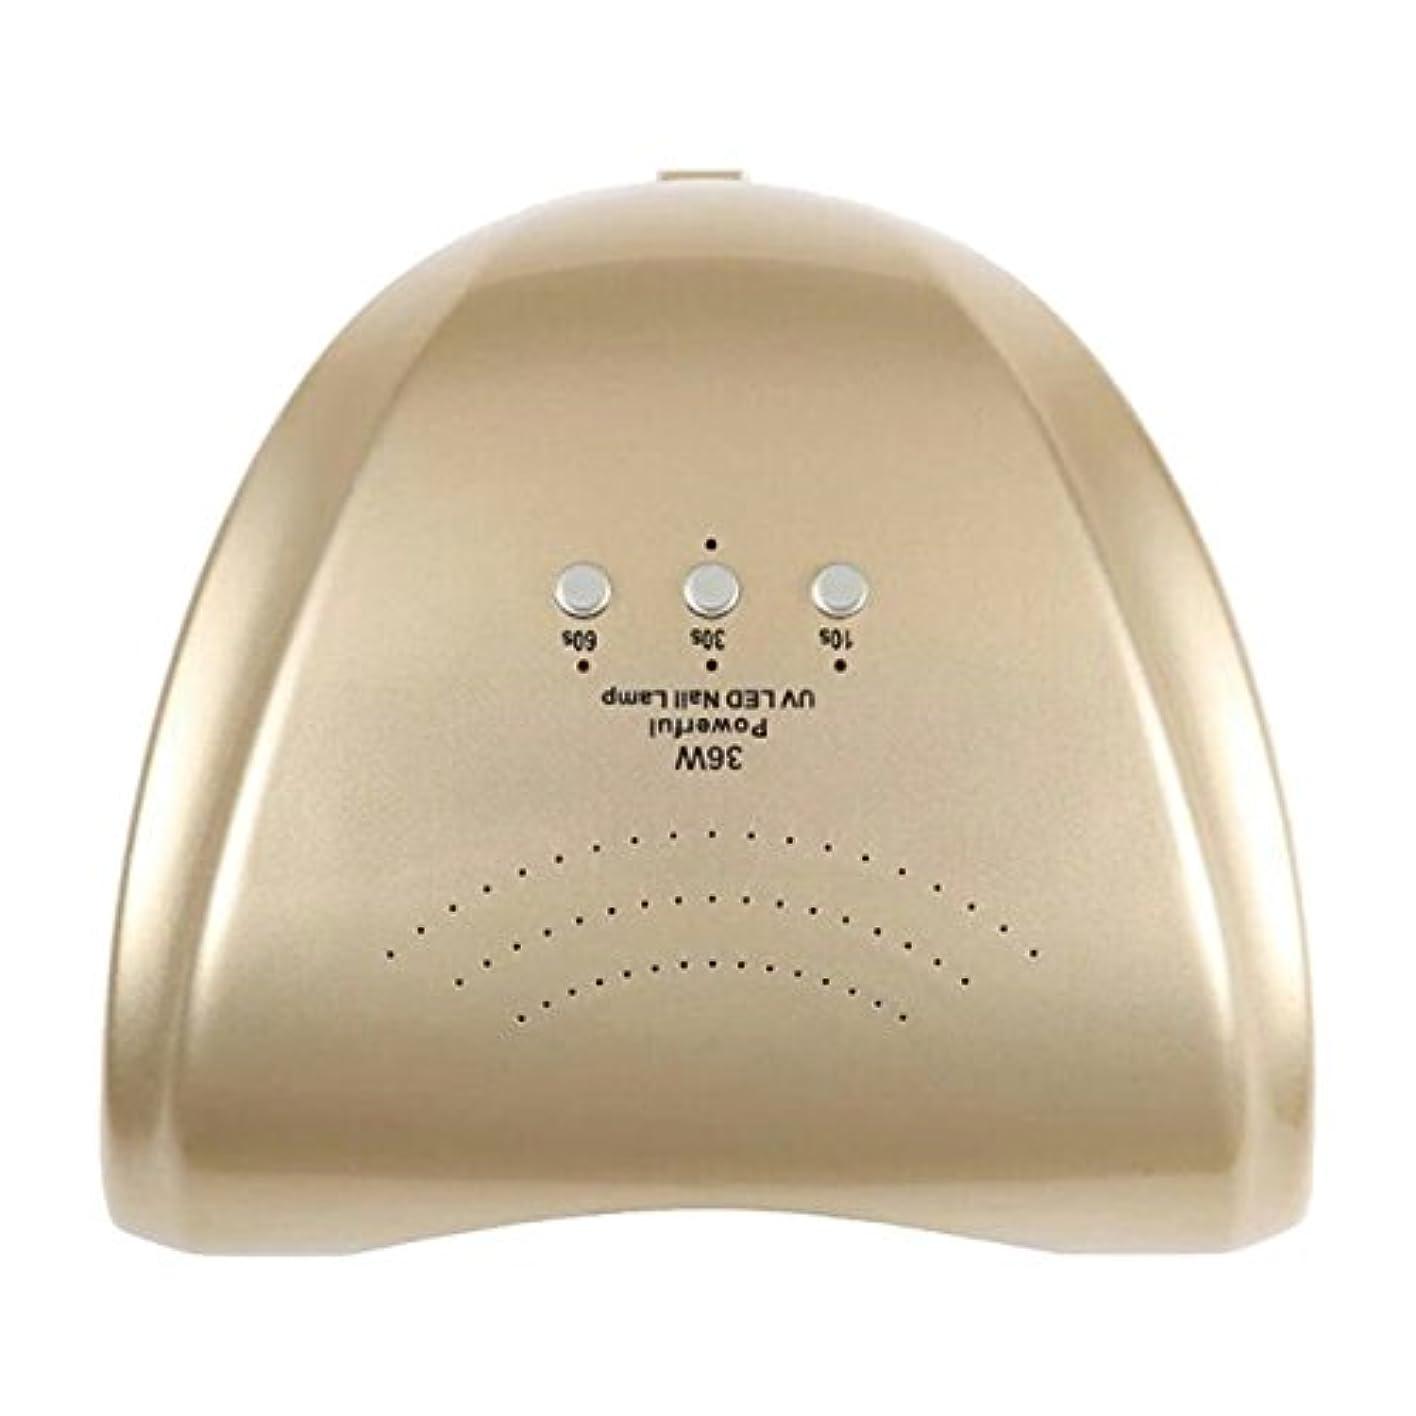 申し立て取り組むクラフトLa Curie 36W LED&UVネイルライト CCFL不使用 自動センサー ジェルネイル レジン 6ヶ月保証&日本語説明書&プロネイリスト監修ネイルレシピ付き 全9色 (ゴールド) LaCurie004